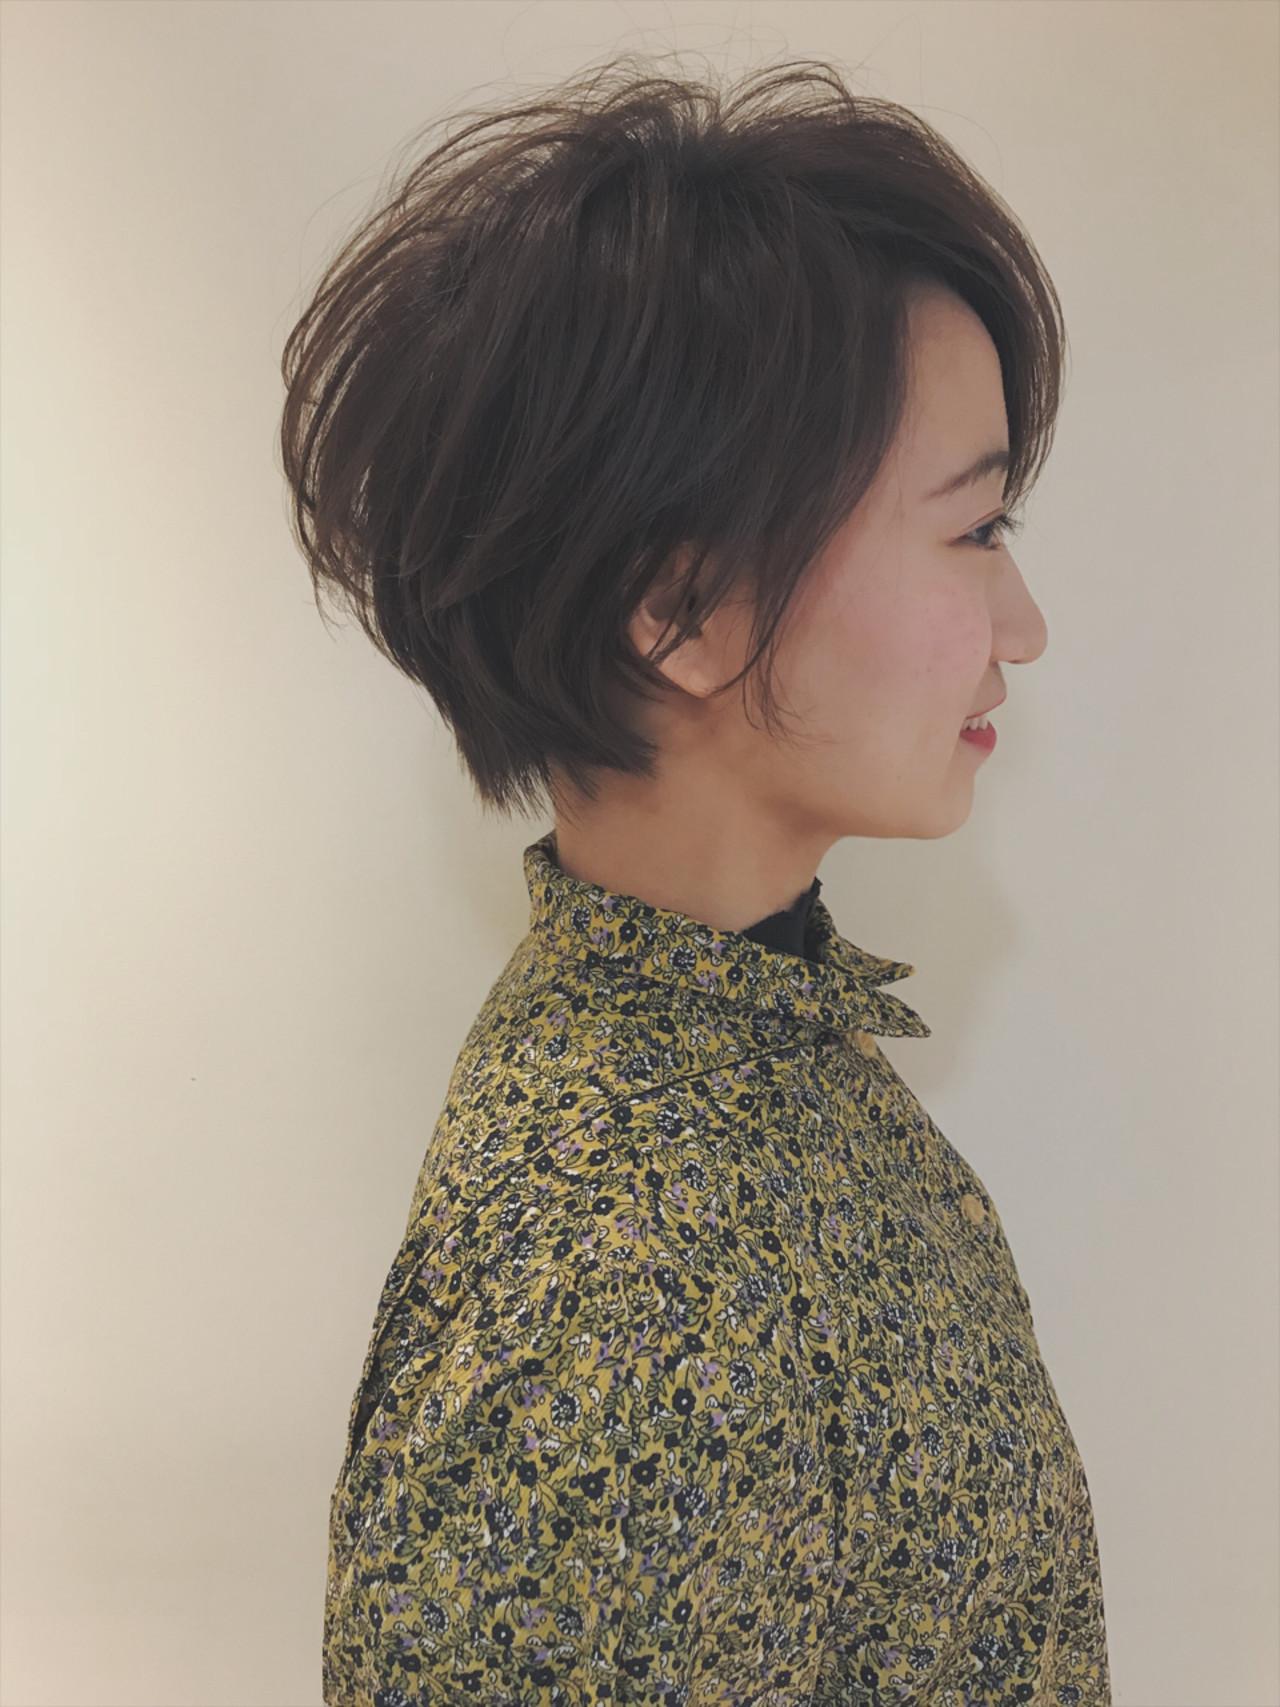 堀北真希さんのような雰囲気のショートカット 堀川 千枝